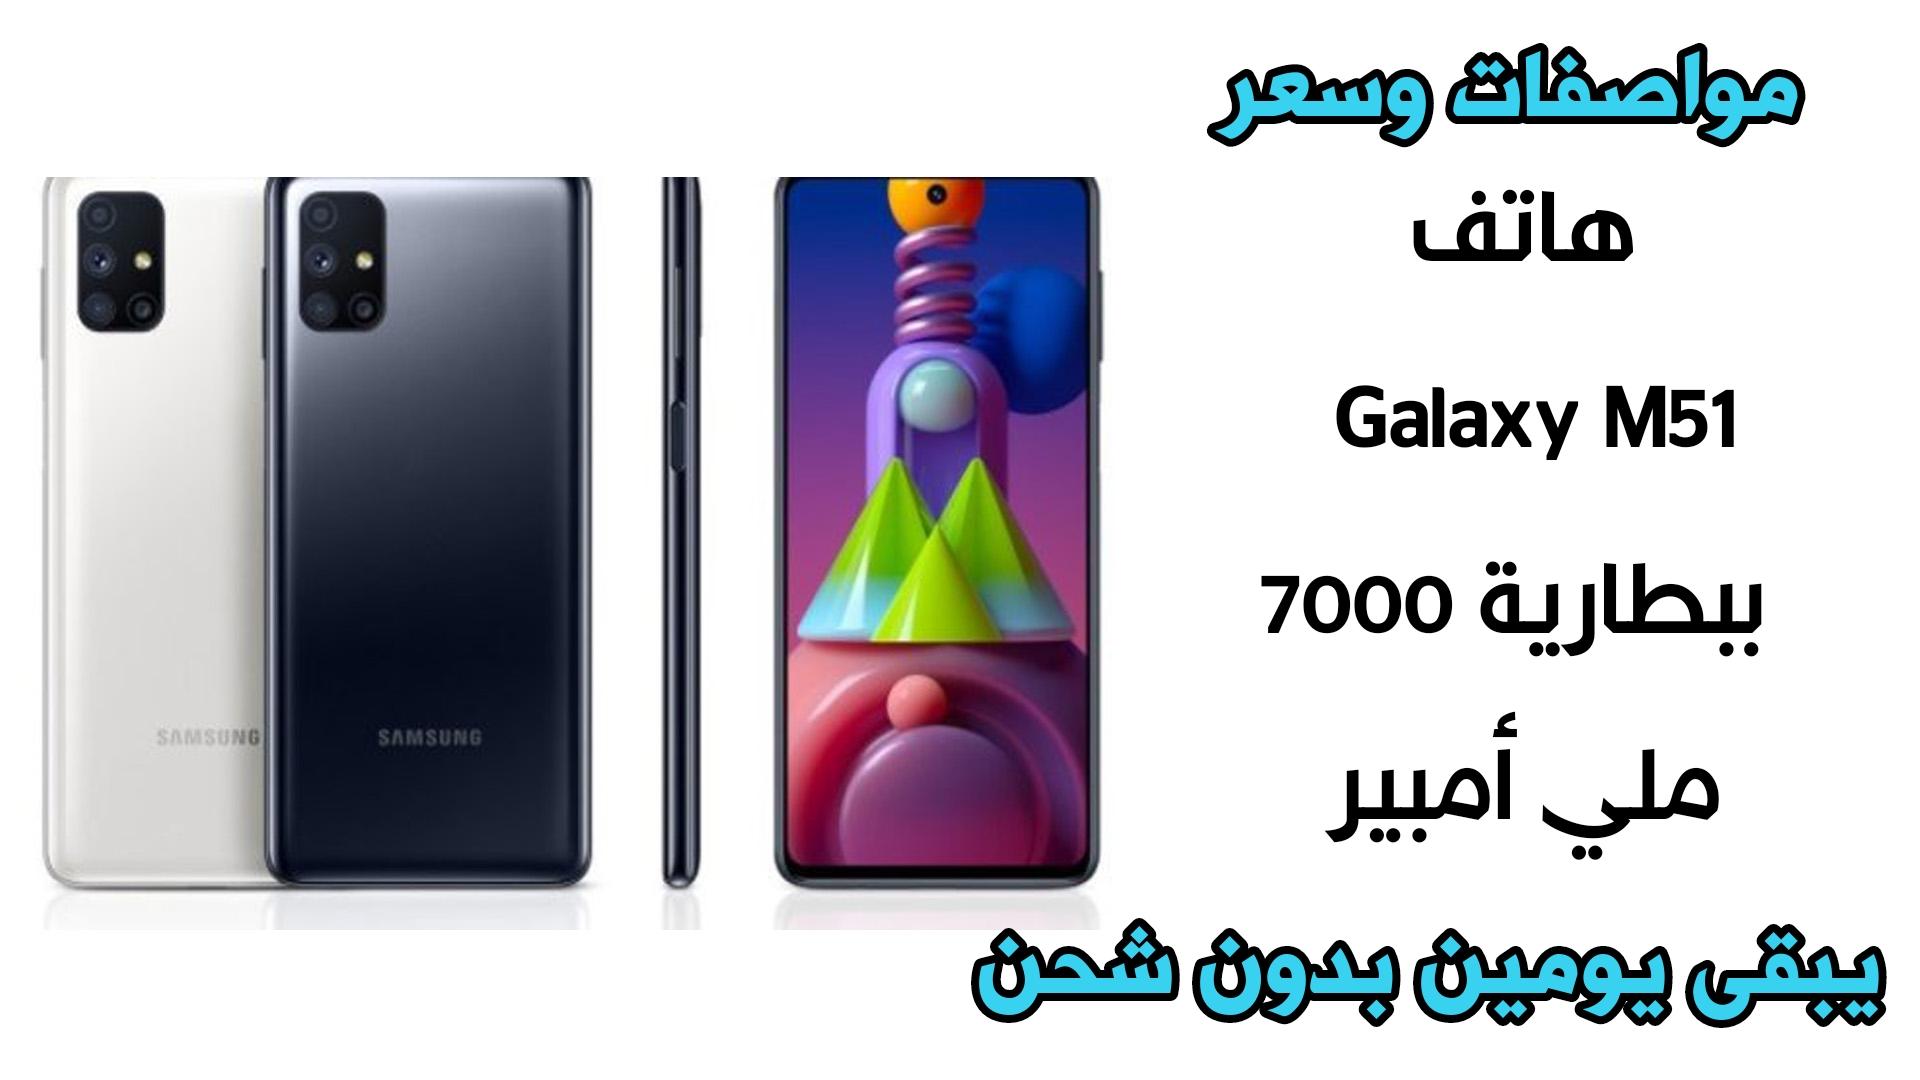 تعرف على مواصفات وسعر هاتف Galaxy M51 ببطارية 7000 ملي أمبير يبقى يومين بدون شحن